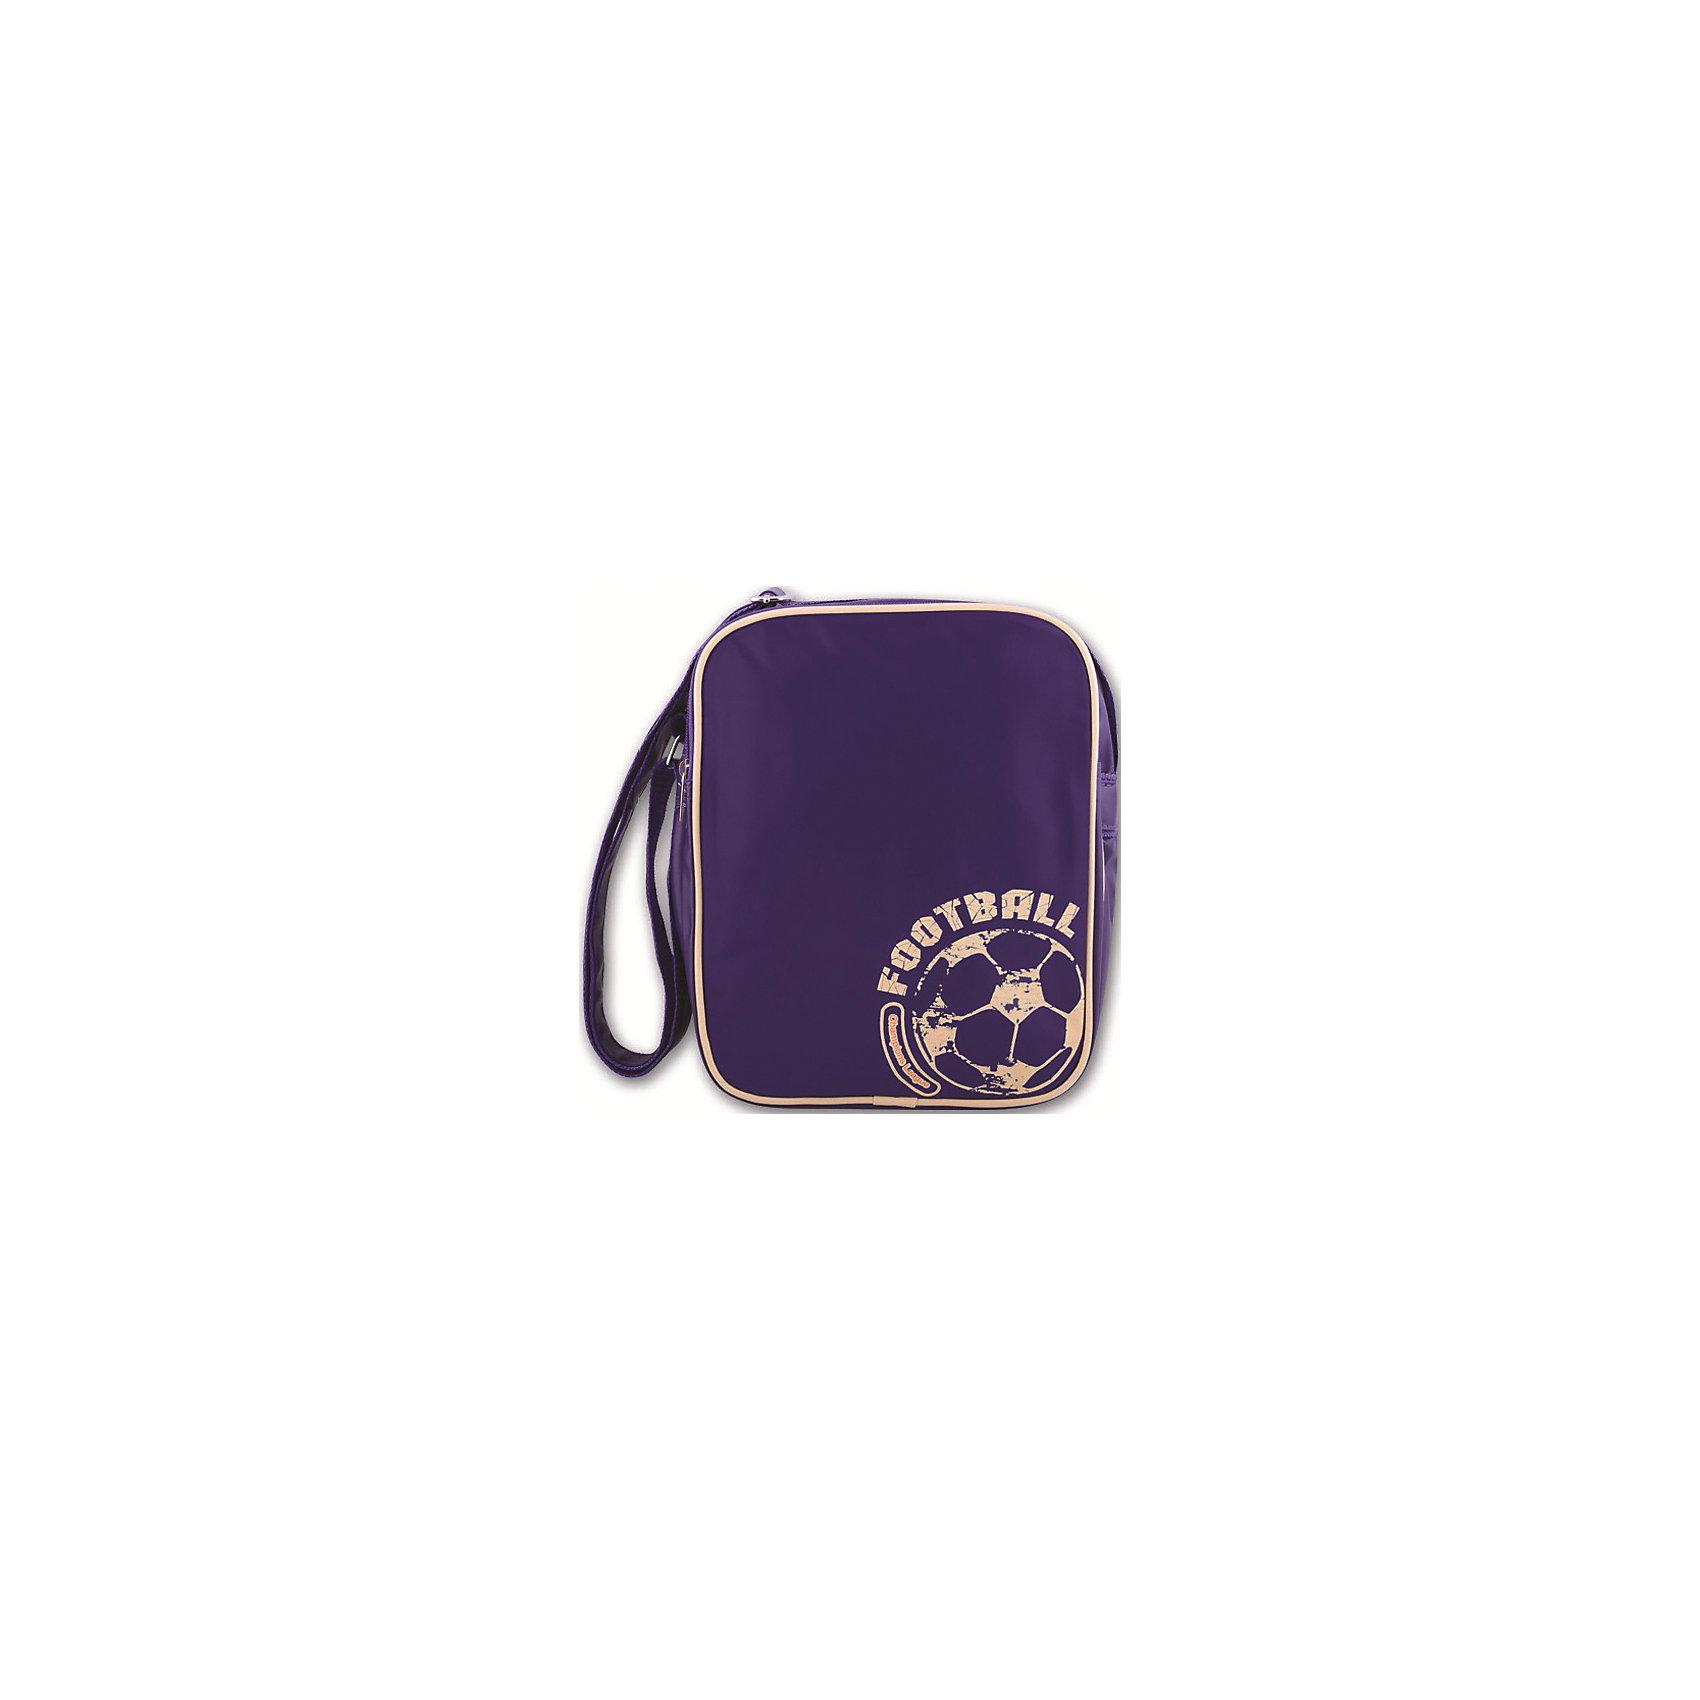 Сумка подростковаяШкольные сумки<br>Эта стильная сумка с оригинальным оформлением прекрасно впишется в гардероб ребенка и, конечно, понравится всем юным модникам! Модель оснащена уплотнённым плечевым ремнем, регулируемым по длине, удобными и практичными карманами, по периметру вшита молния: расстегнув ее, вы увеличите вместимость сумки. <br><br>Дополнительная информация:<br><br>- Материал: полиуретан.<br>- Размер: 25х23х12 см.<br>- Тип застежки: молния. <br>- Плечевой ремень регулируется.<br>- Карманы: 2 (внутренний и внешний). <br>- Полноцветная печать с 3D технологией.<br><br>Сумку подростковую можно купить в нашем магазине.<br><br>Ширина мм: 320<br>Глубина мм: 260<br>Высота мм: 50<br>Вес г: 320<br>Возраст от месяцев: 144<br>Возраст до месяцев: 192<br>Пол: Мужской<br>Возраст: Детский<br>SKU: 4756063